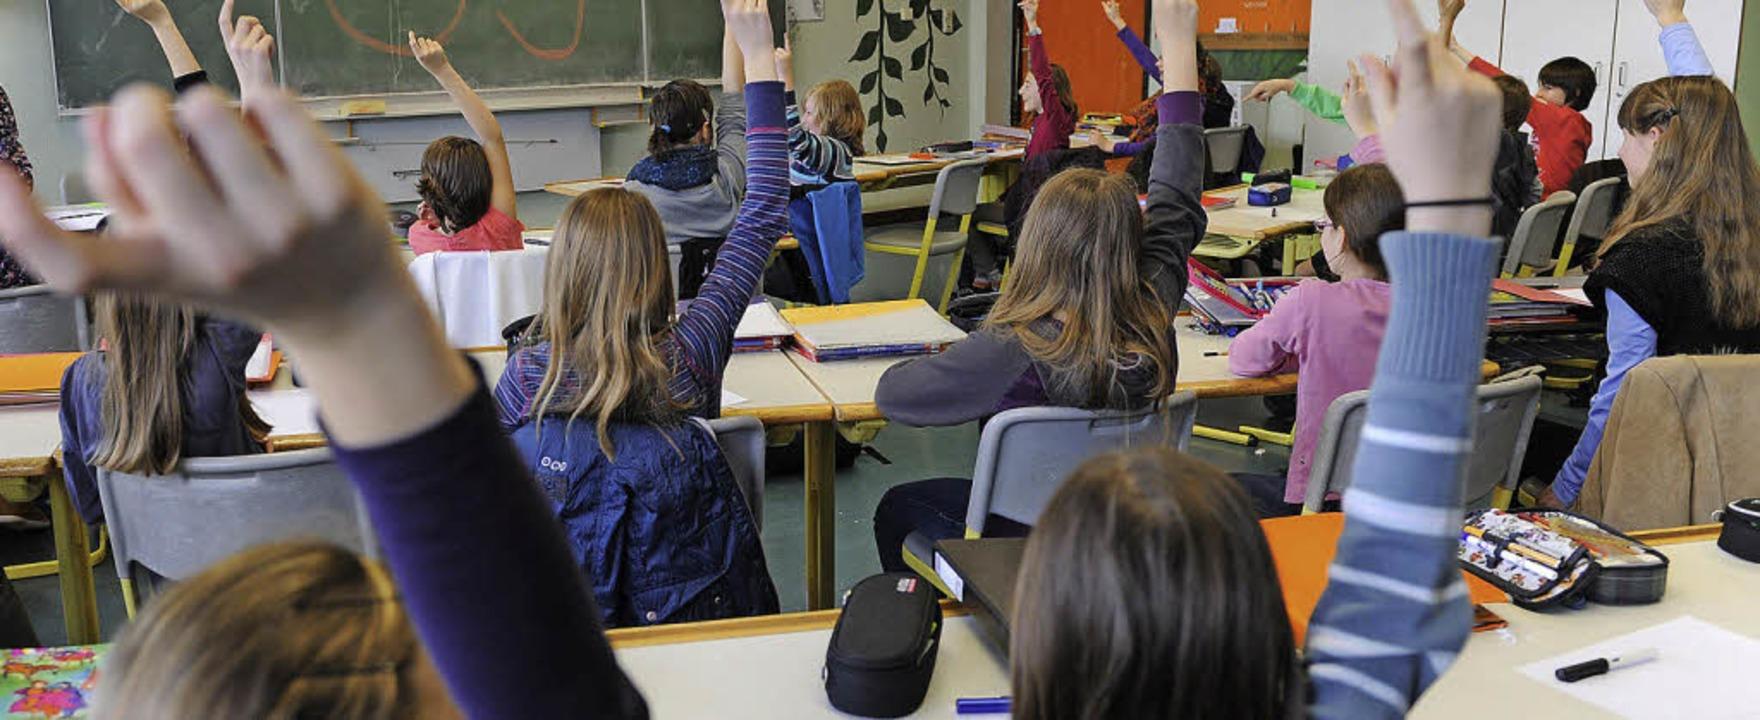 Das deutsche Bildungssystem ist besser, als die meisten annehmen.    | Foto: dpa